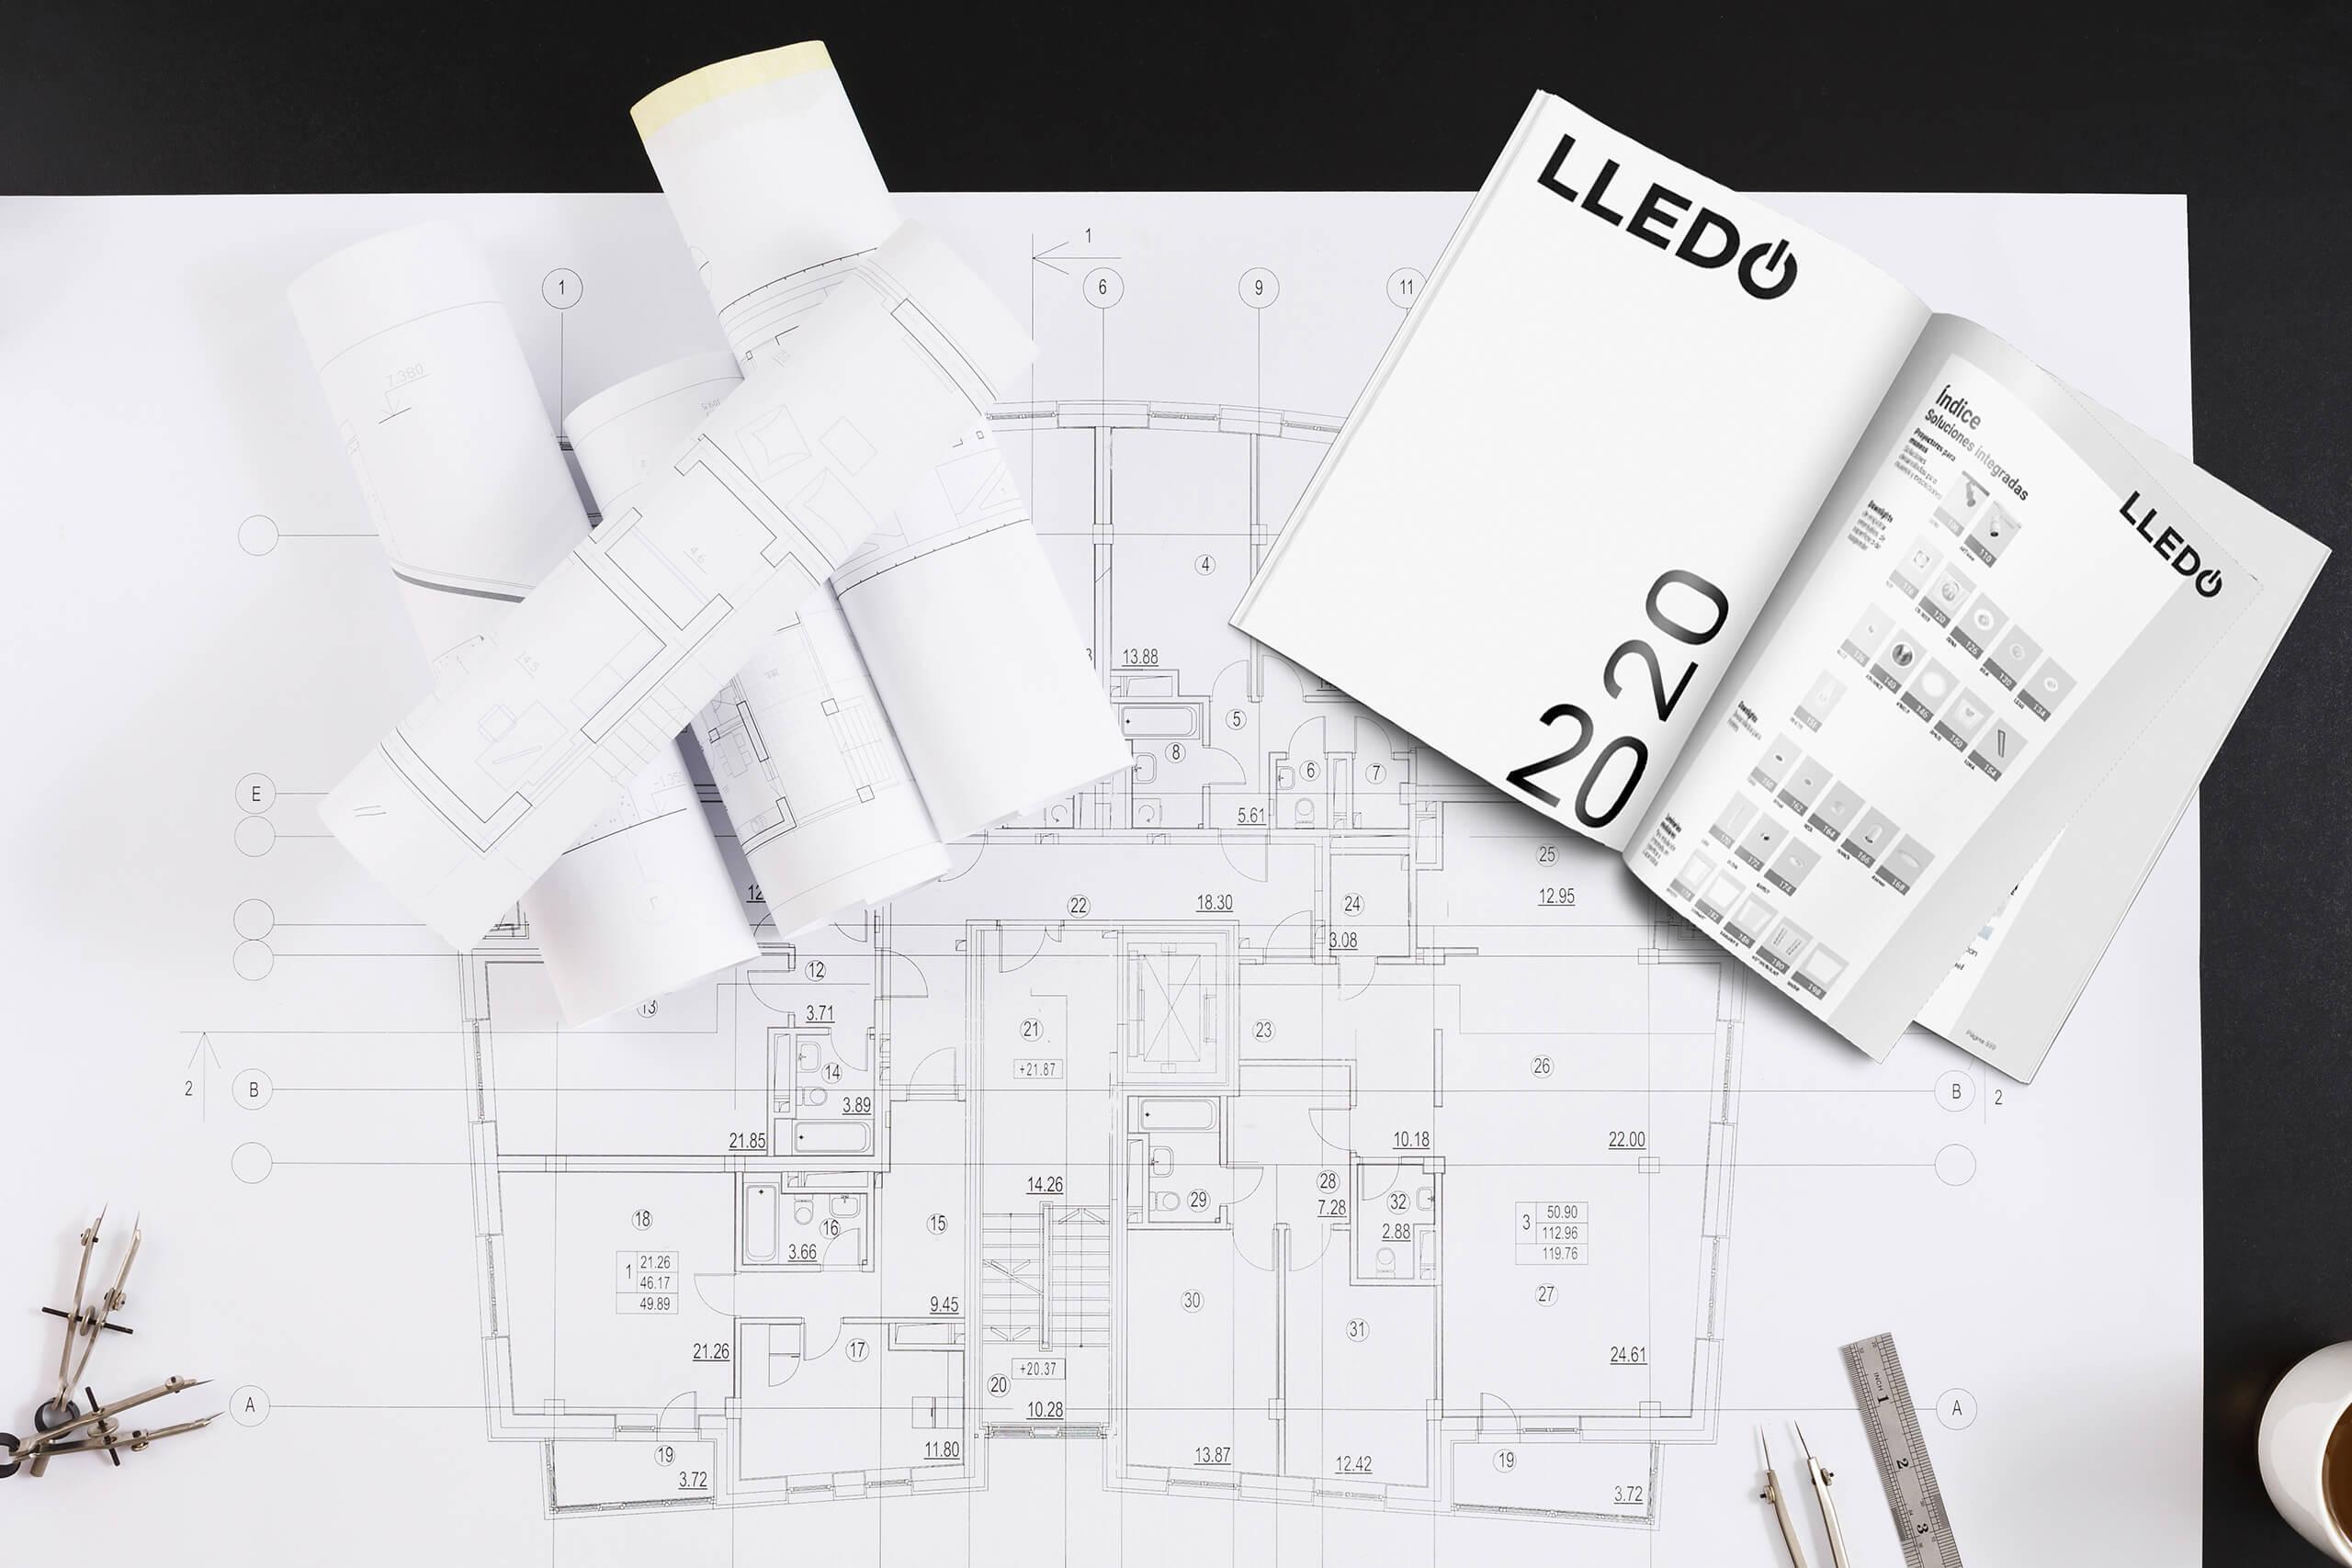 Catálogo Lledó 2020 Home